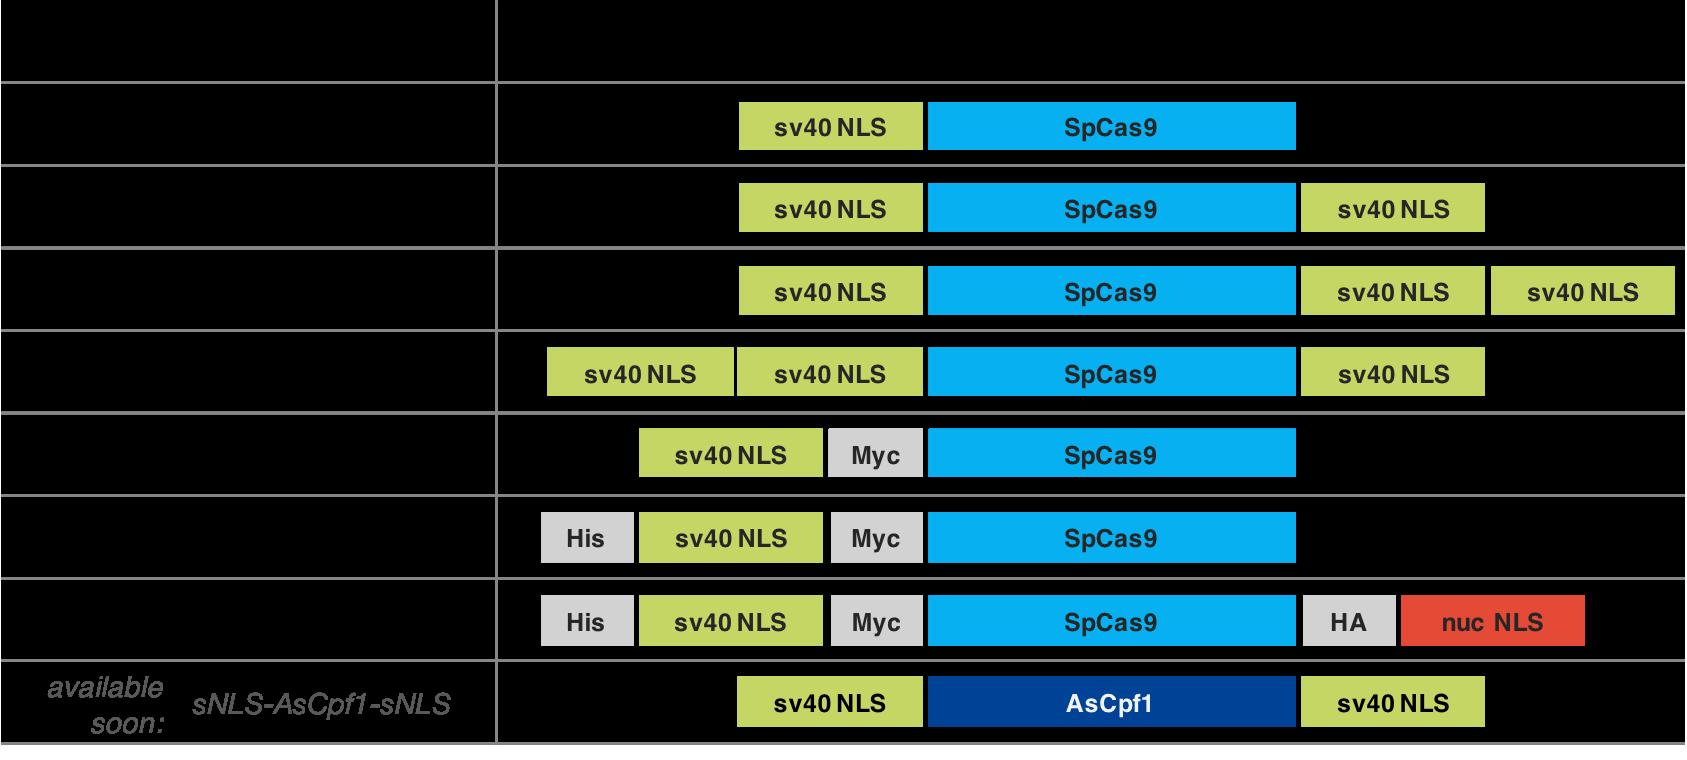 ald-SpCas9-AsCpf1-chart-0417.png